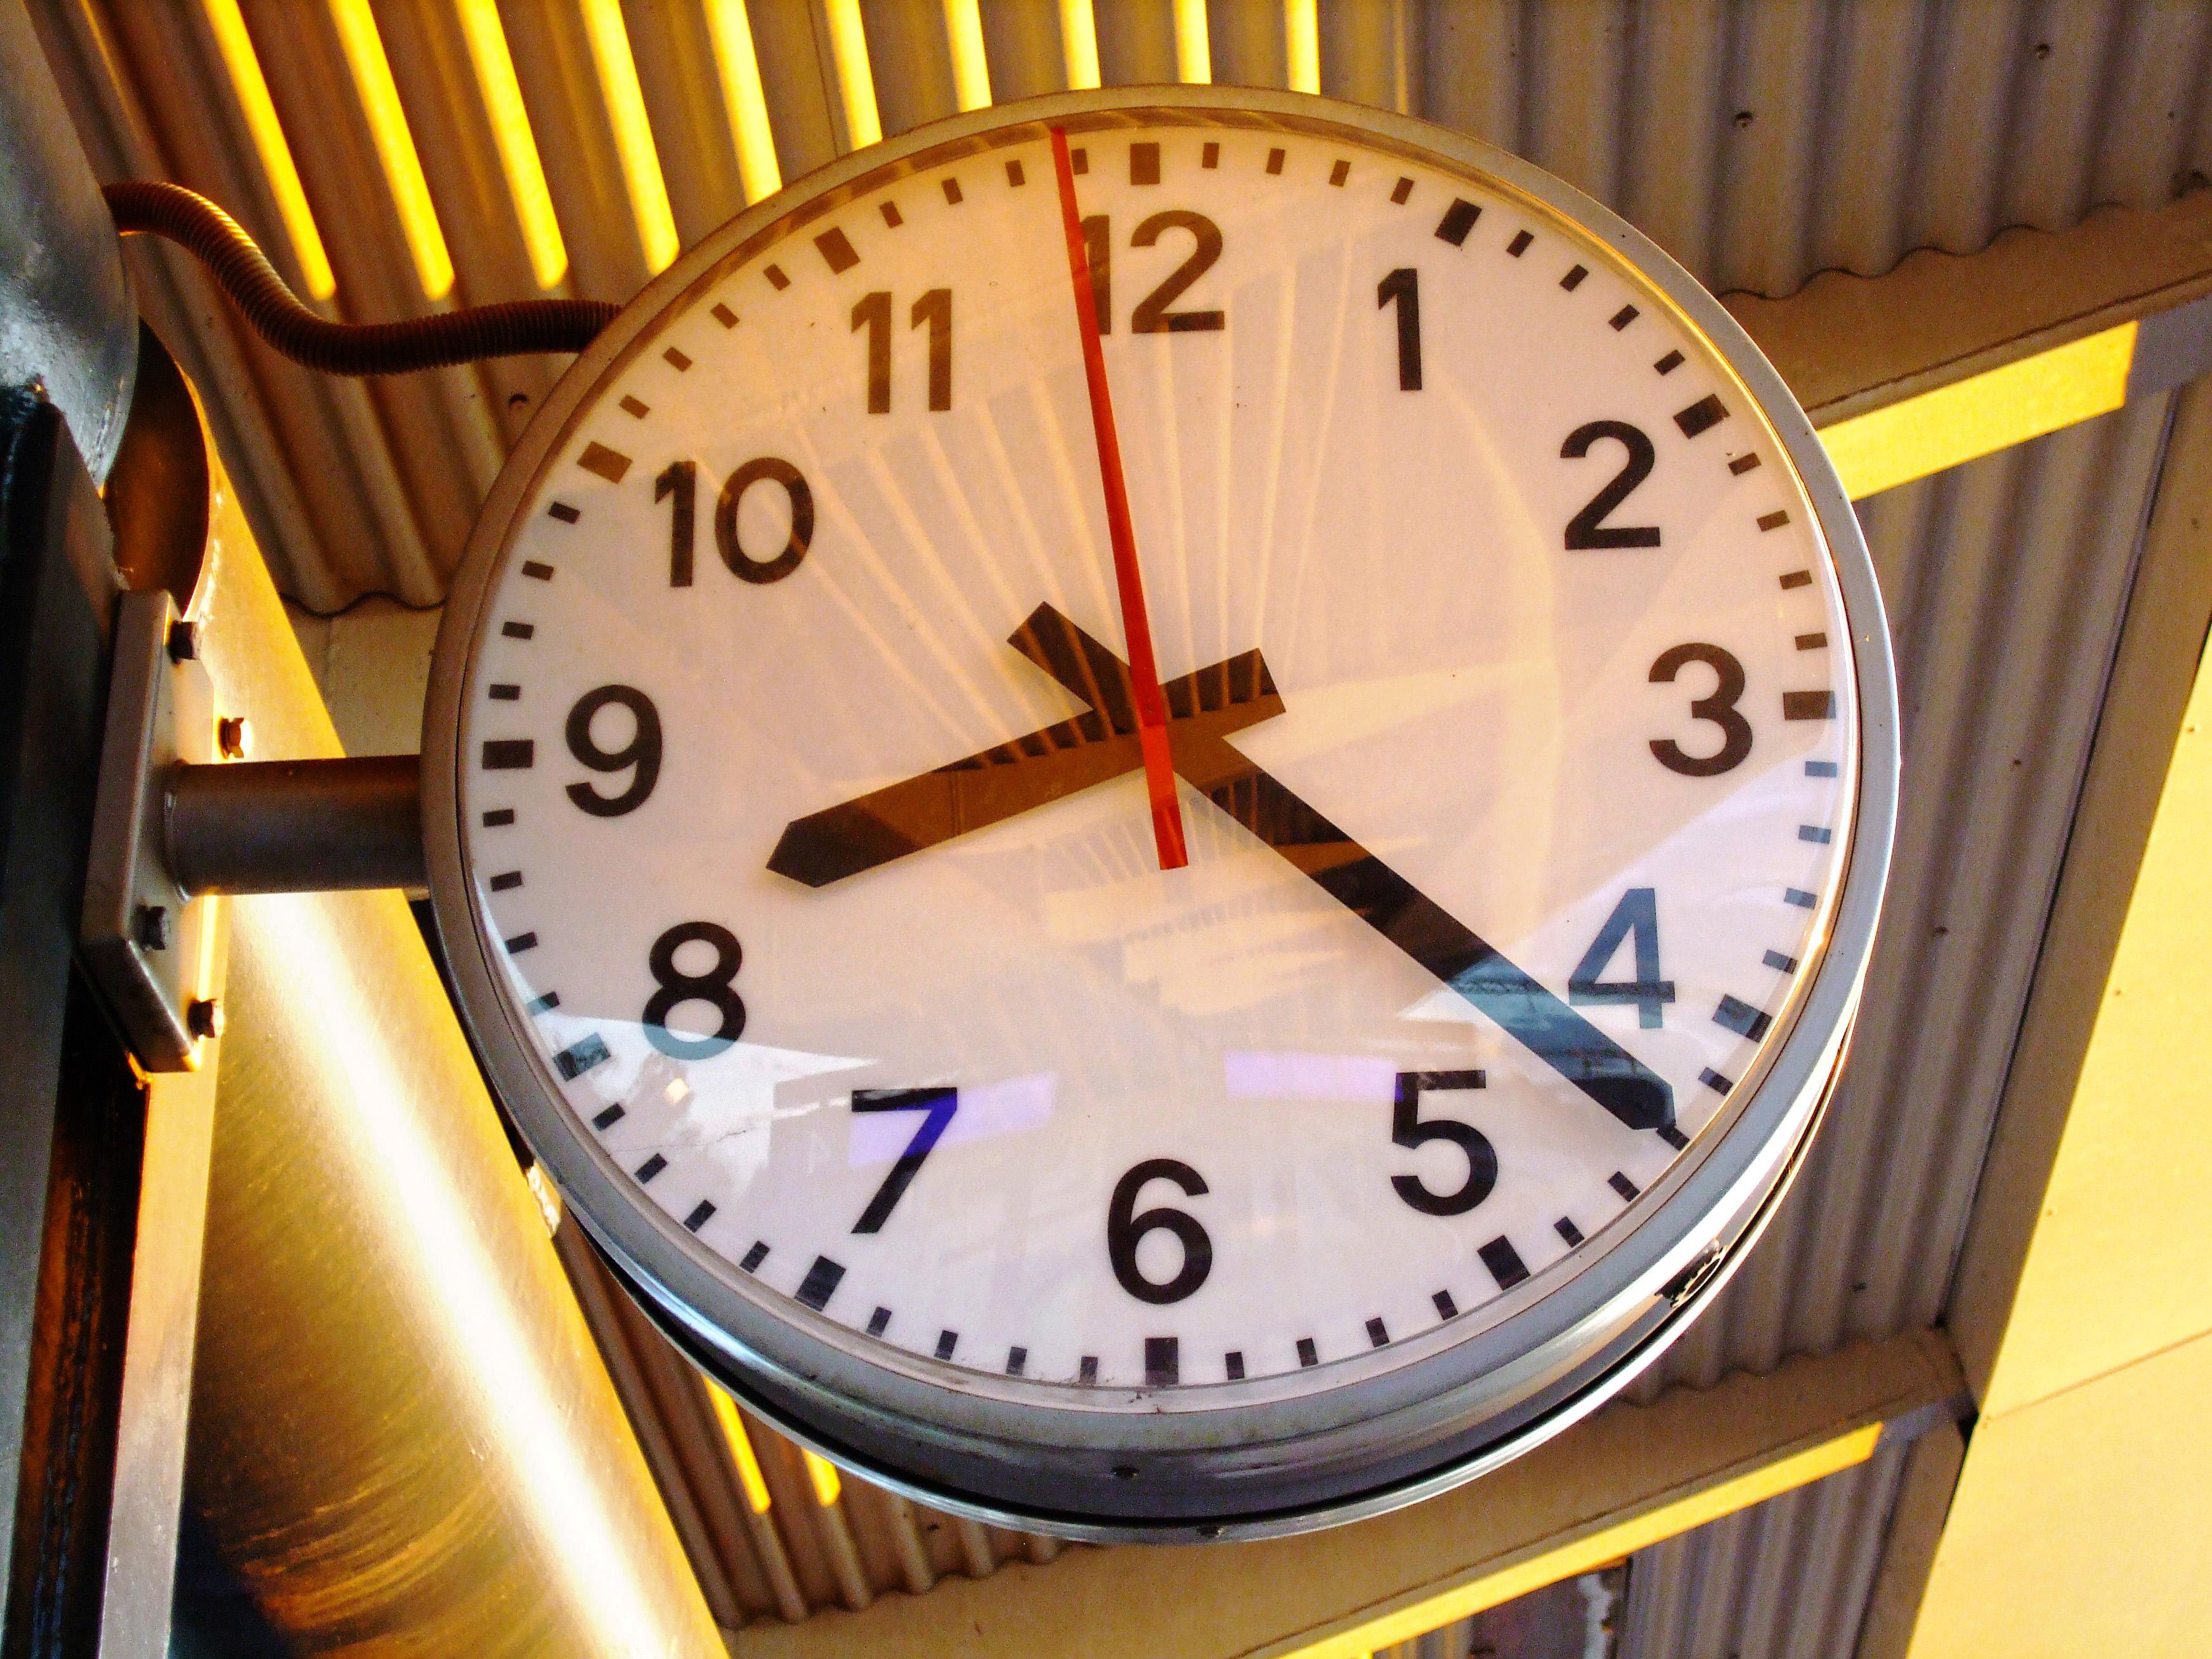 Картинка часов и времени